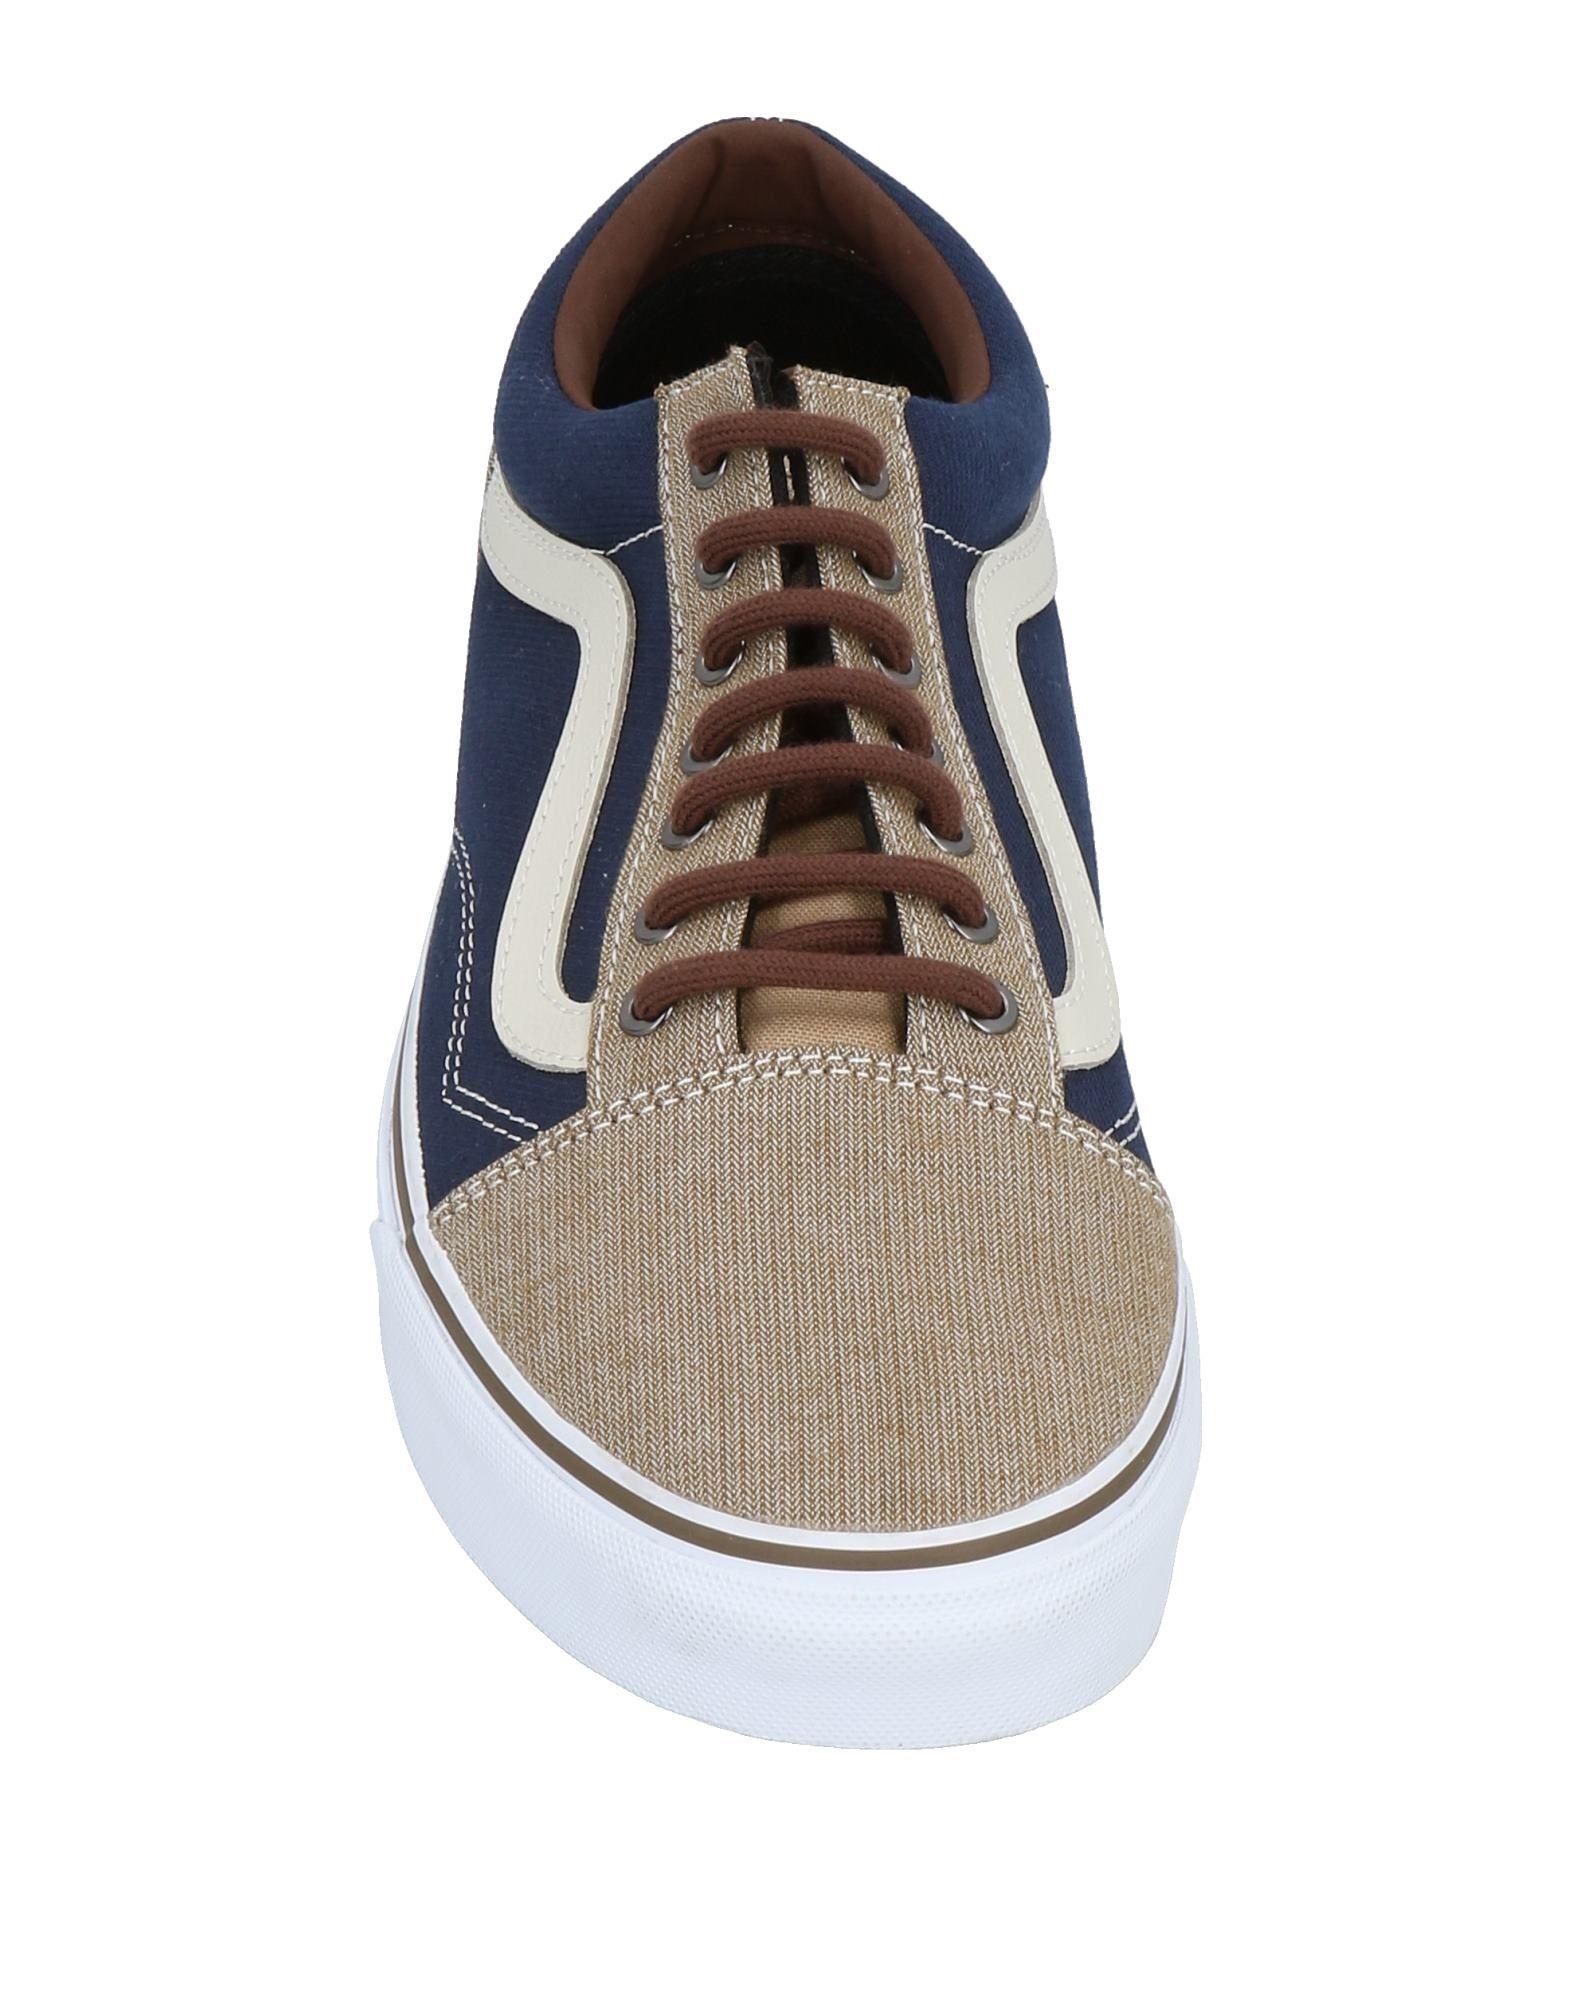 809a9a1cb6e23 ... Rabatt Vans echte Schuhe Vans Rabatt Sneakers Herren 11492349SW 6fd4b1  ...